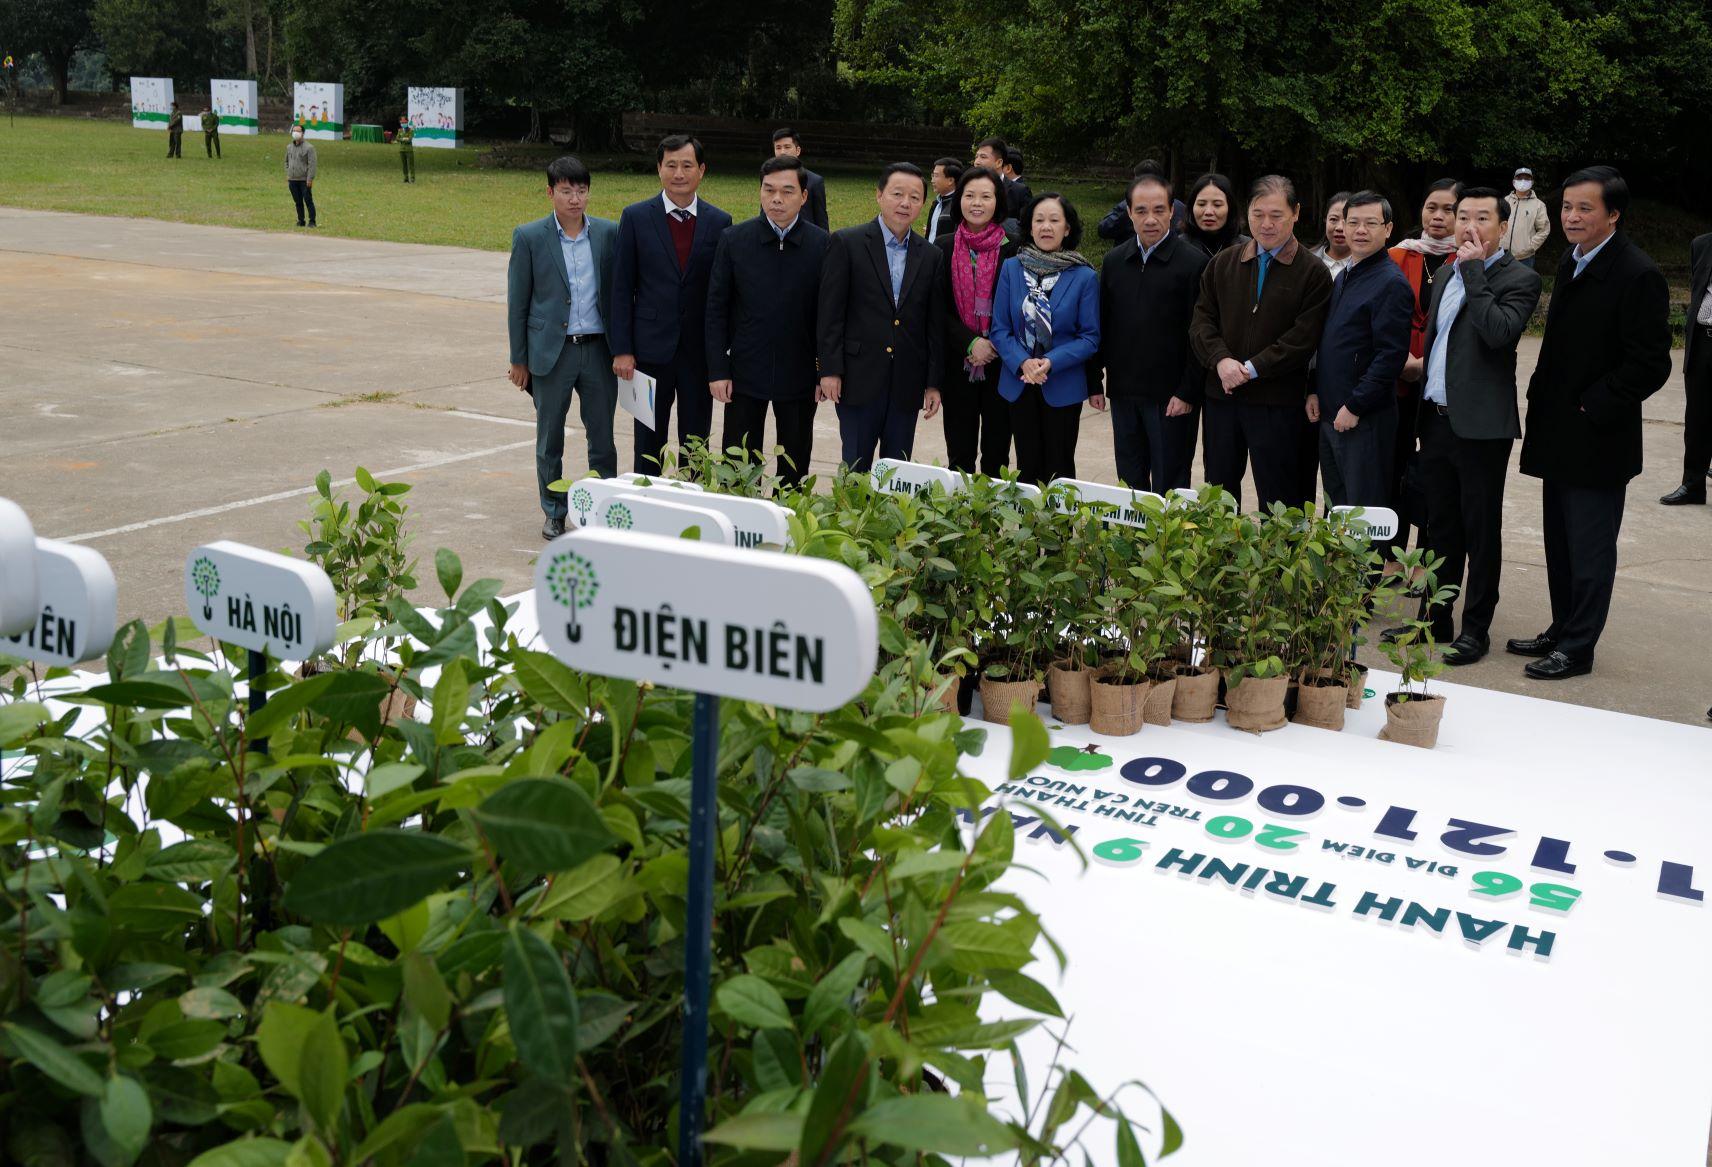 """Quỹ 1 triệu cây xanh cho Việt Nam của Vinamilk - Chương trình vì môi trường tạo được """"dấu ấn xanh"""" đặc biệt với cộng đồng 11"""